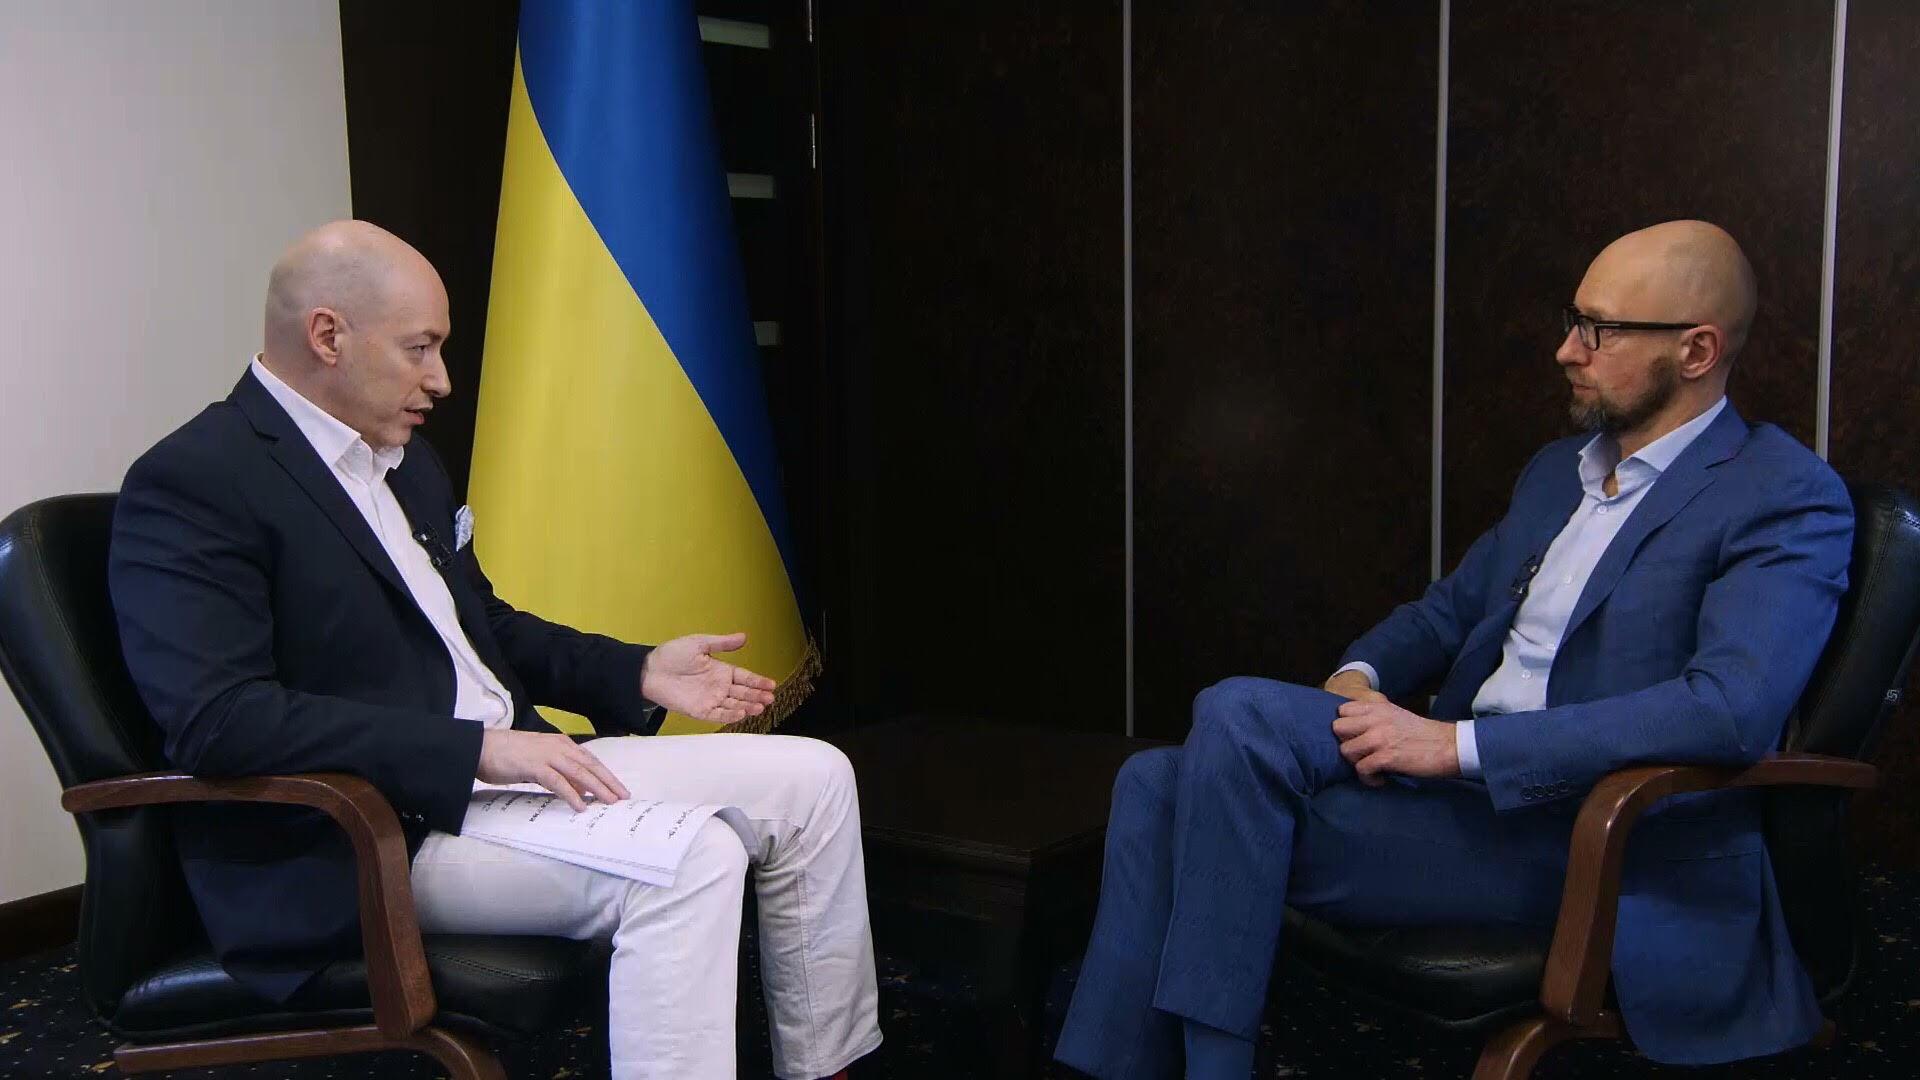 """Арсеній Яценюк: Якщо на проекті """"Стіна"""" хтось вкрав – нехай відповідає. Але кордон має бути збудований"""